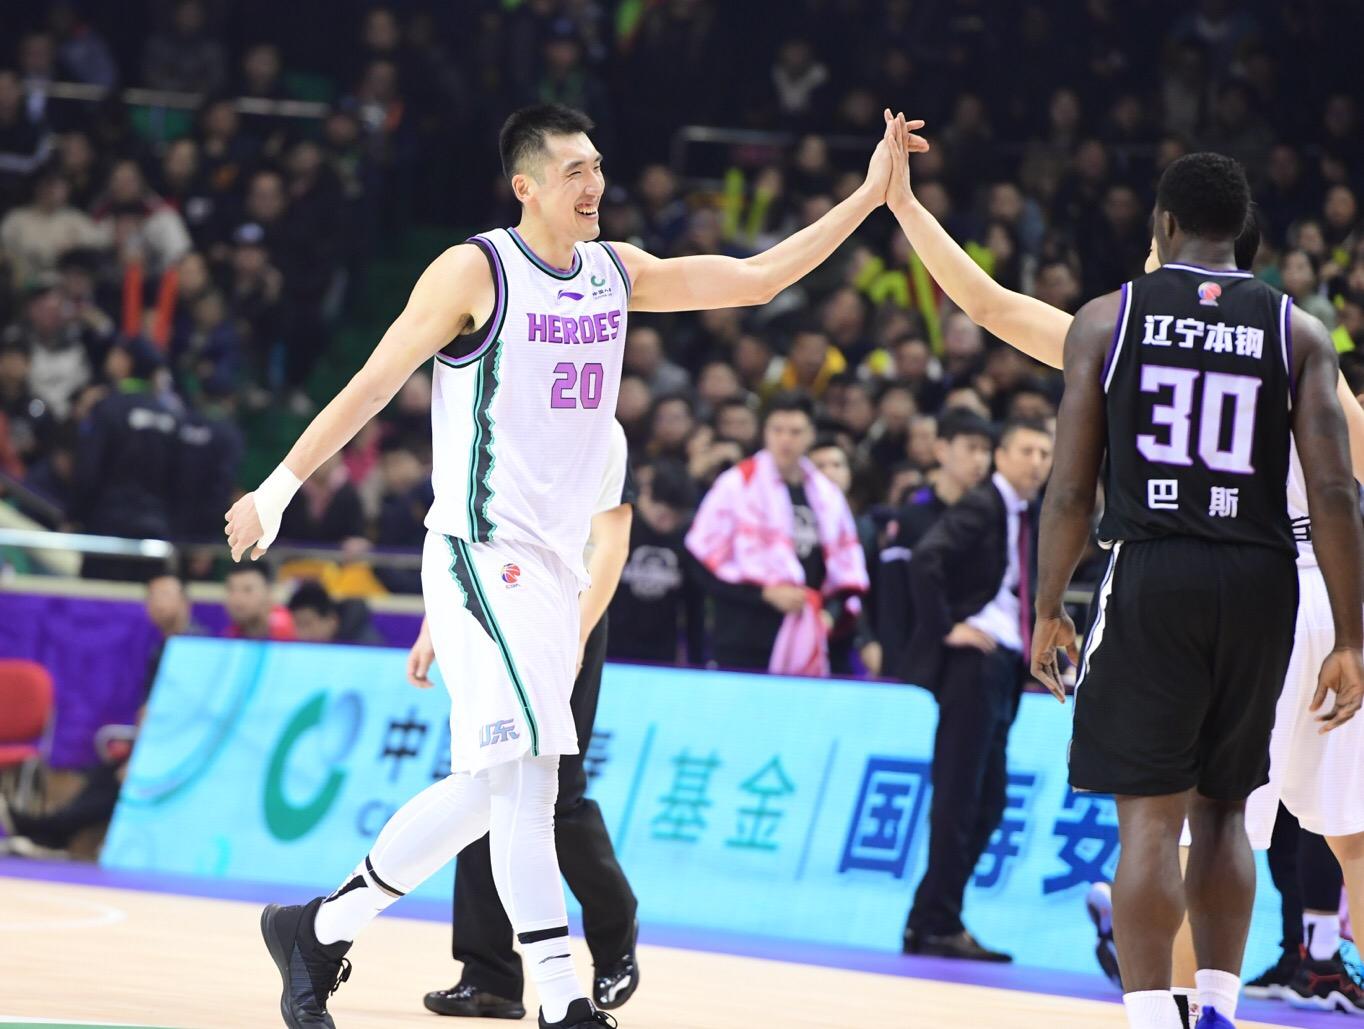 哈德森一战封神!拿下本赛季个人单场最高分 助山东男篮豪取八连胜